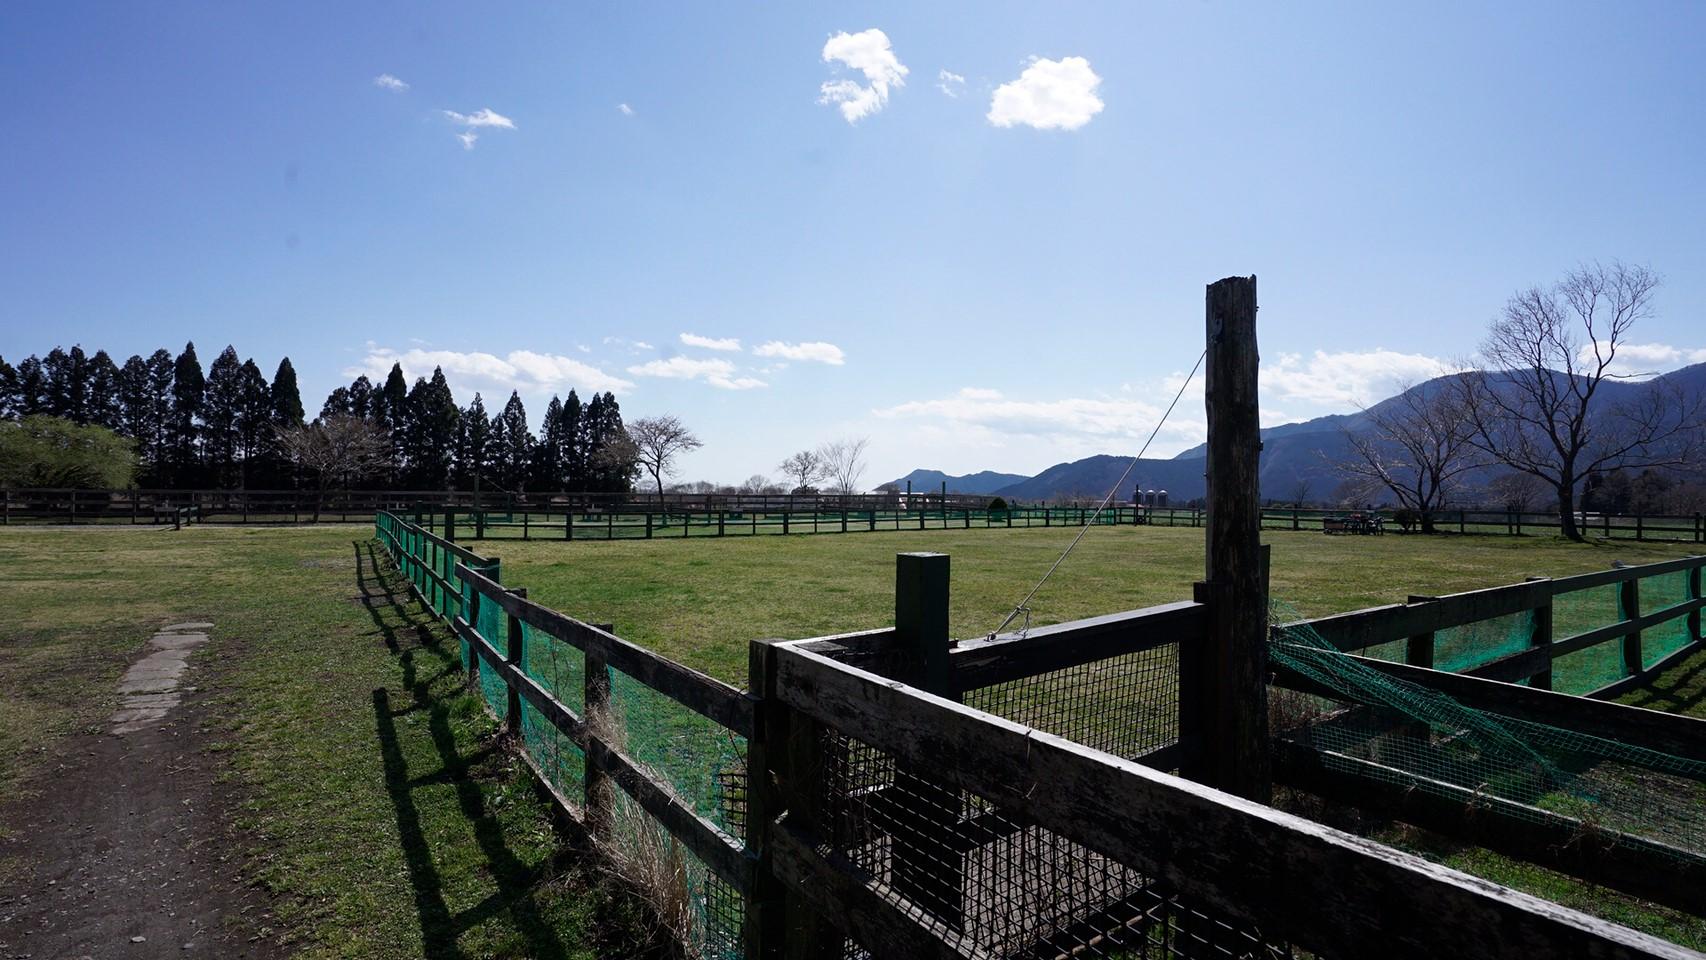 【広いドッグラン|富士宮市】『Field Dogs Garden』攻略ガイド(駐車場・トイレ)